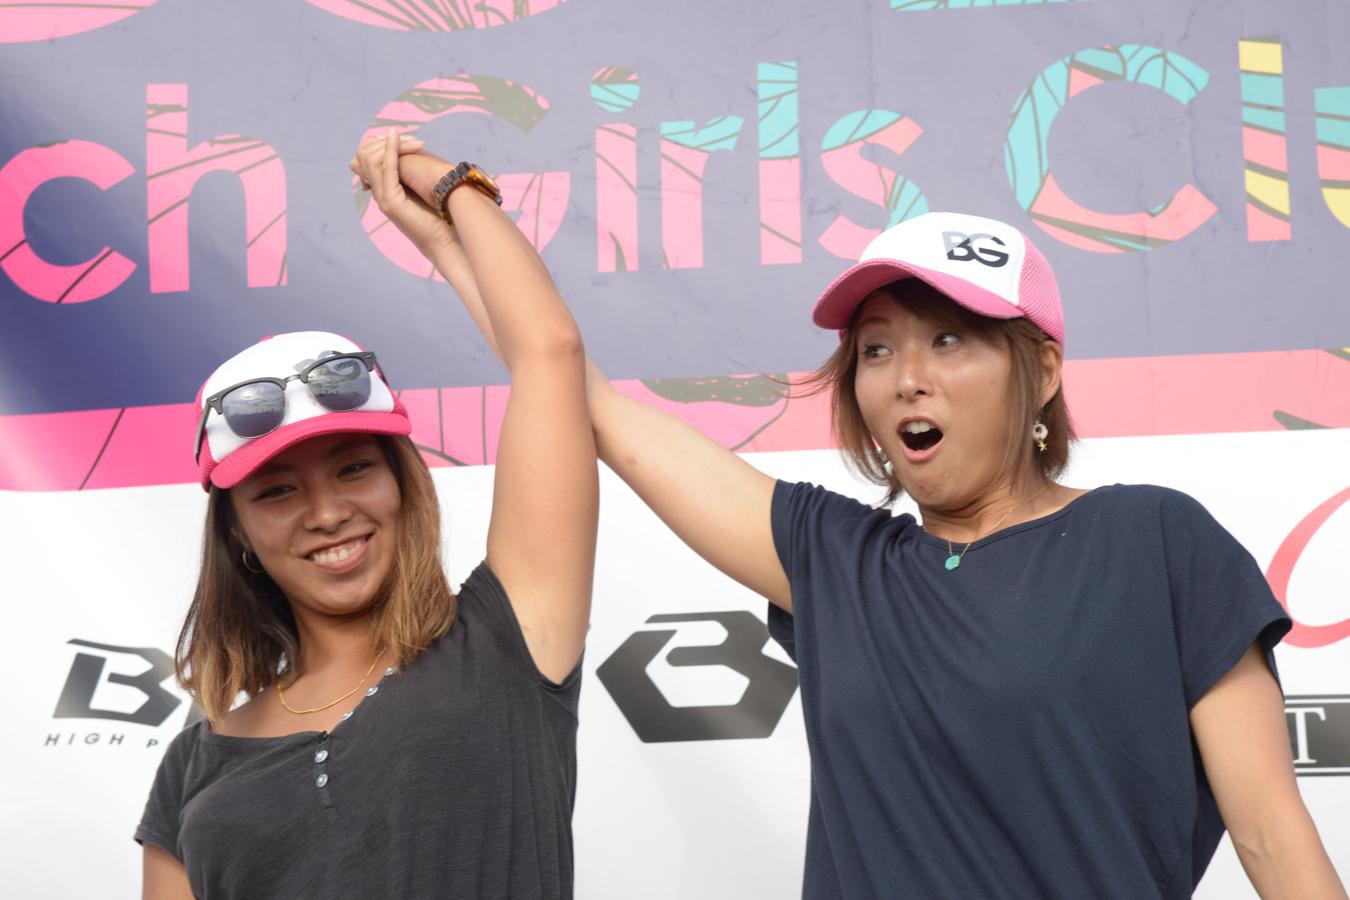 ショートスペシャル優勝はNSAで6度の優勝記録を持つ清永亜希子